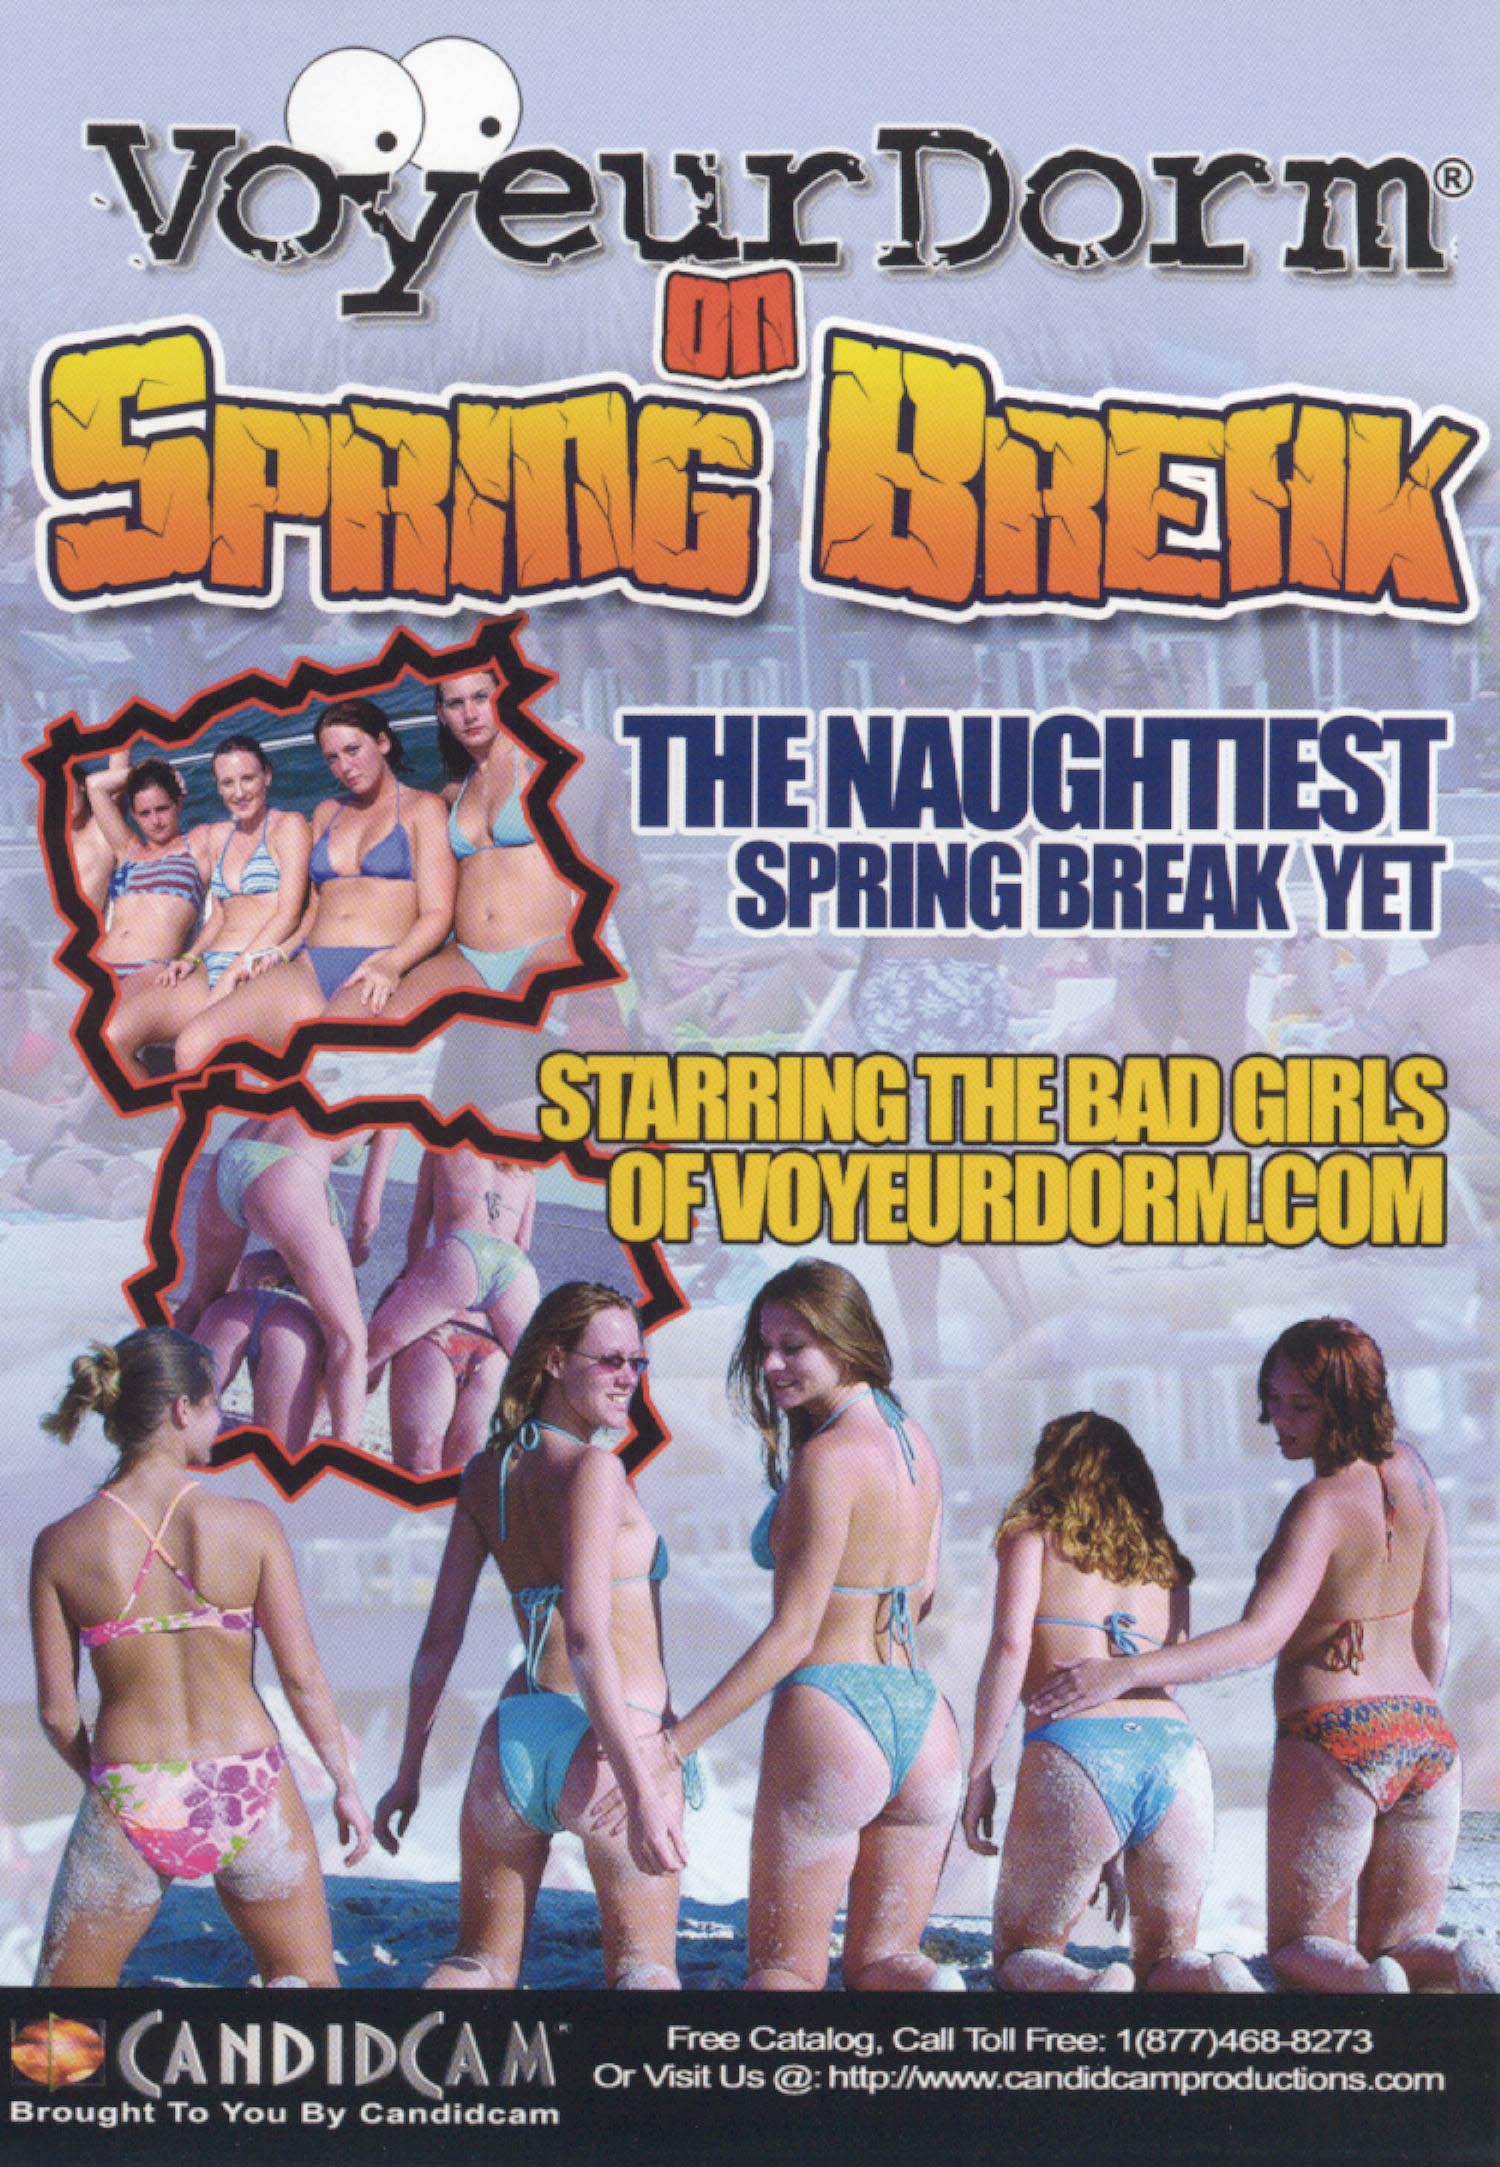 Voyeur Dorm: On Spring Break